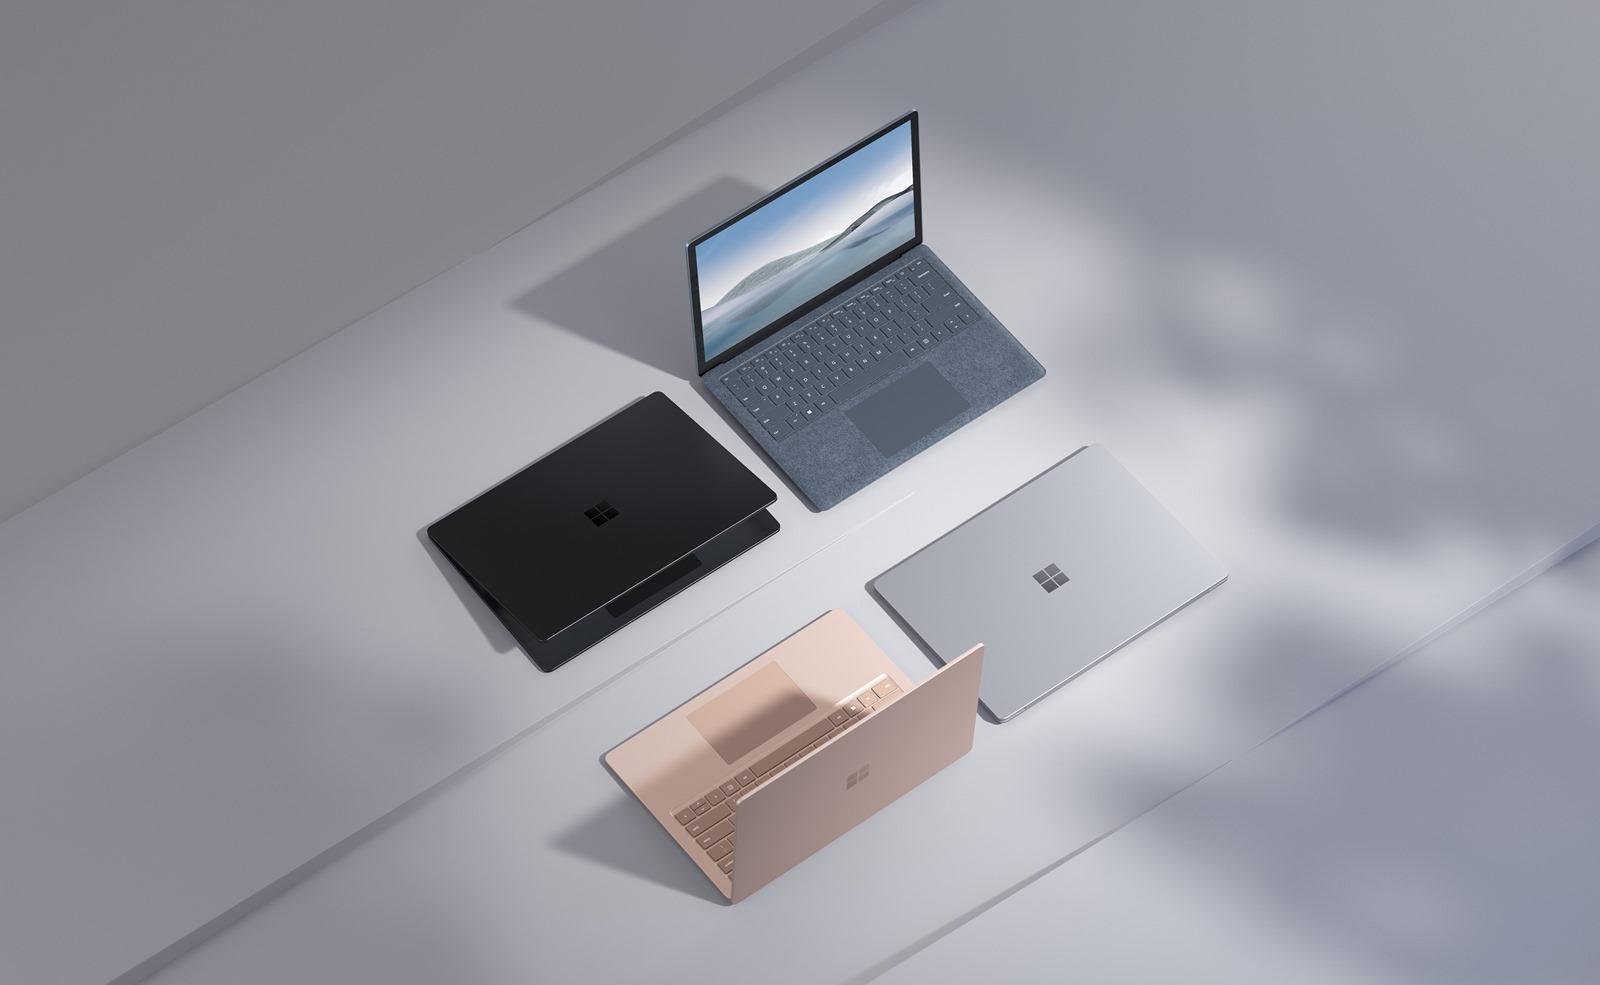 微軟發表全新 Surface Laptop 4 及配件 提升會議體驗 @3C 達人廖阿輝